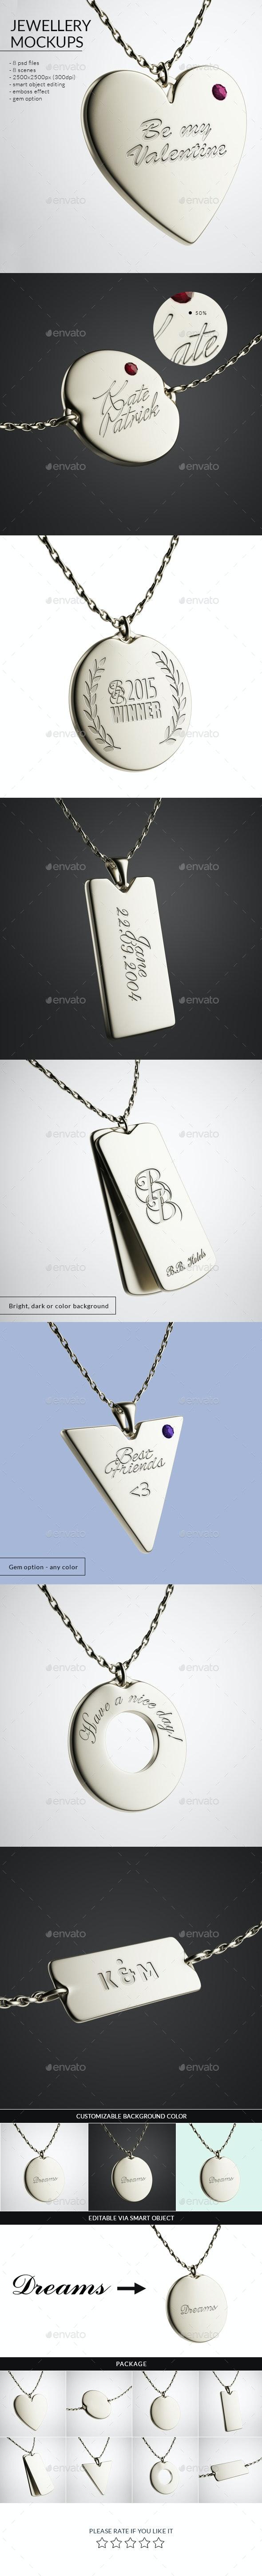 Jewellery Mockups - Logo Product Mock-Ups